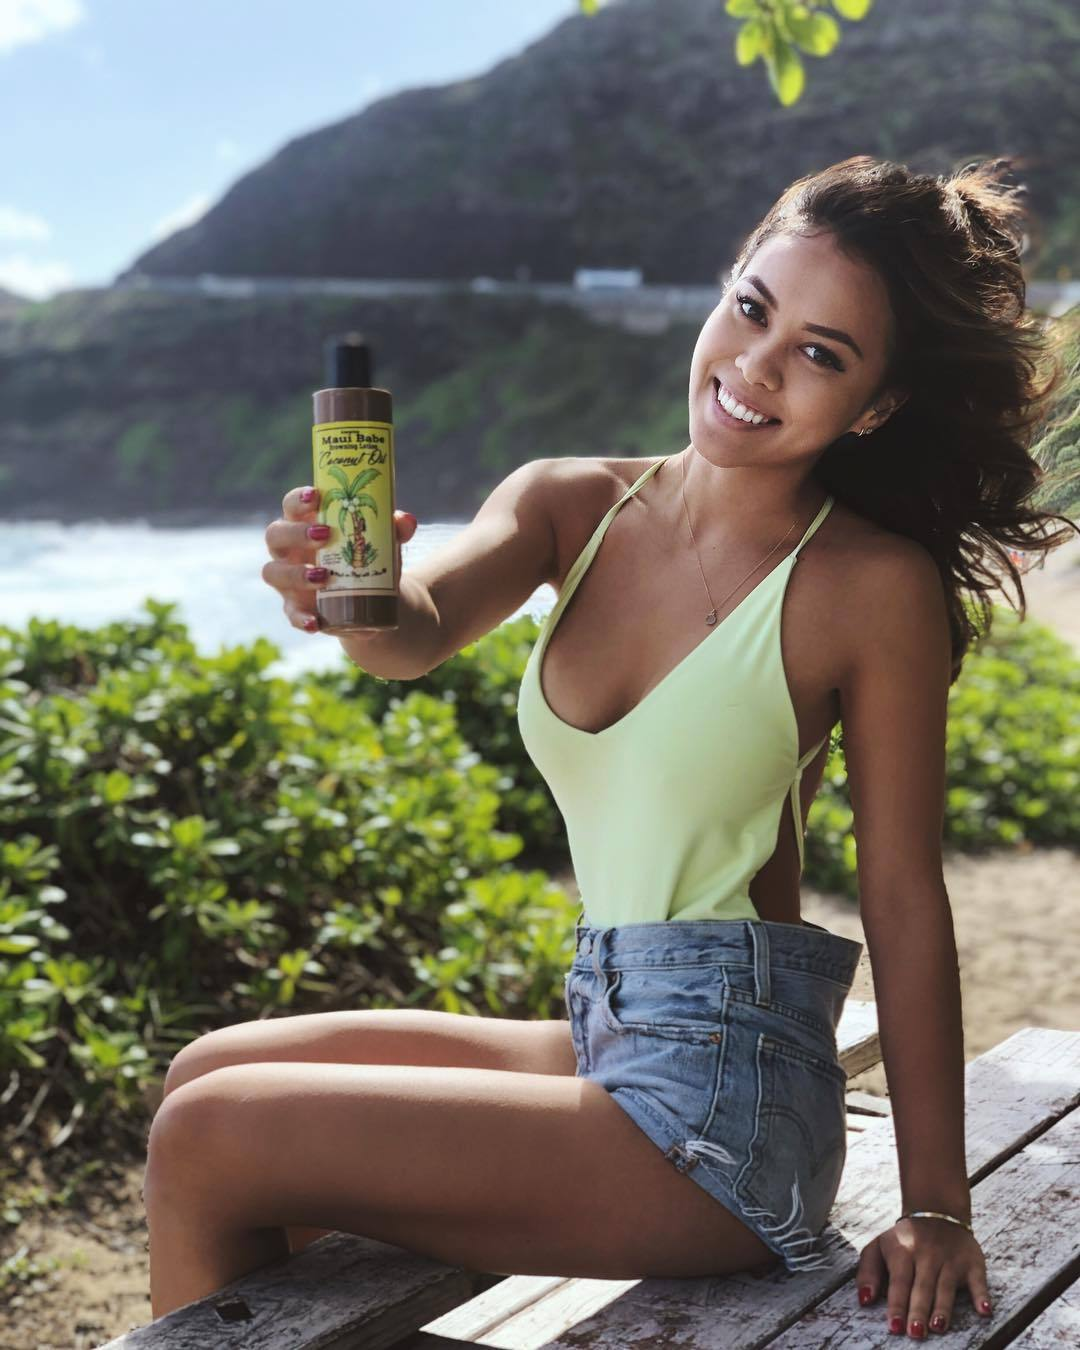 lacie choy, miss hawaii 2019. - Página 2 49457237_219990655546694_4050825590330866977_n